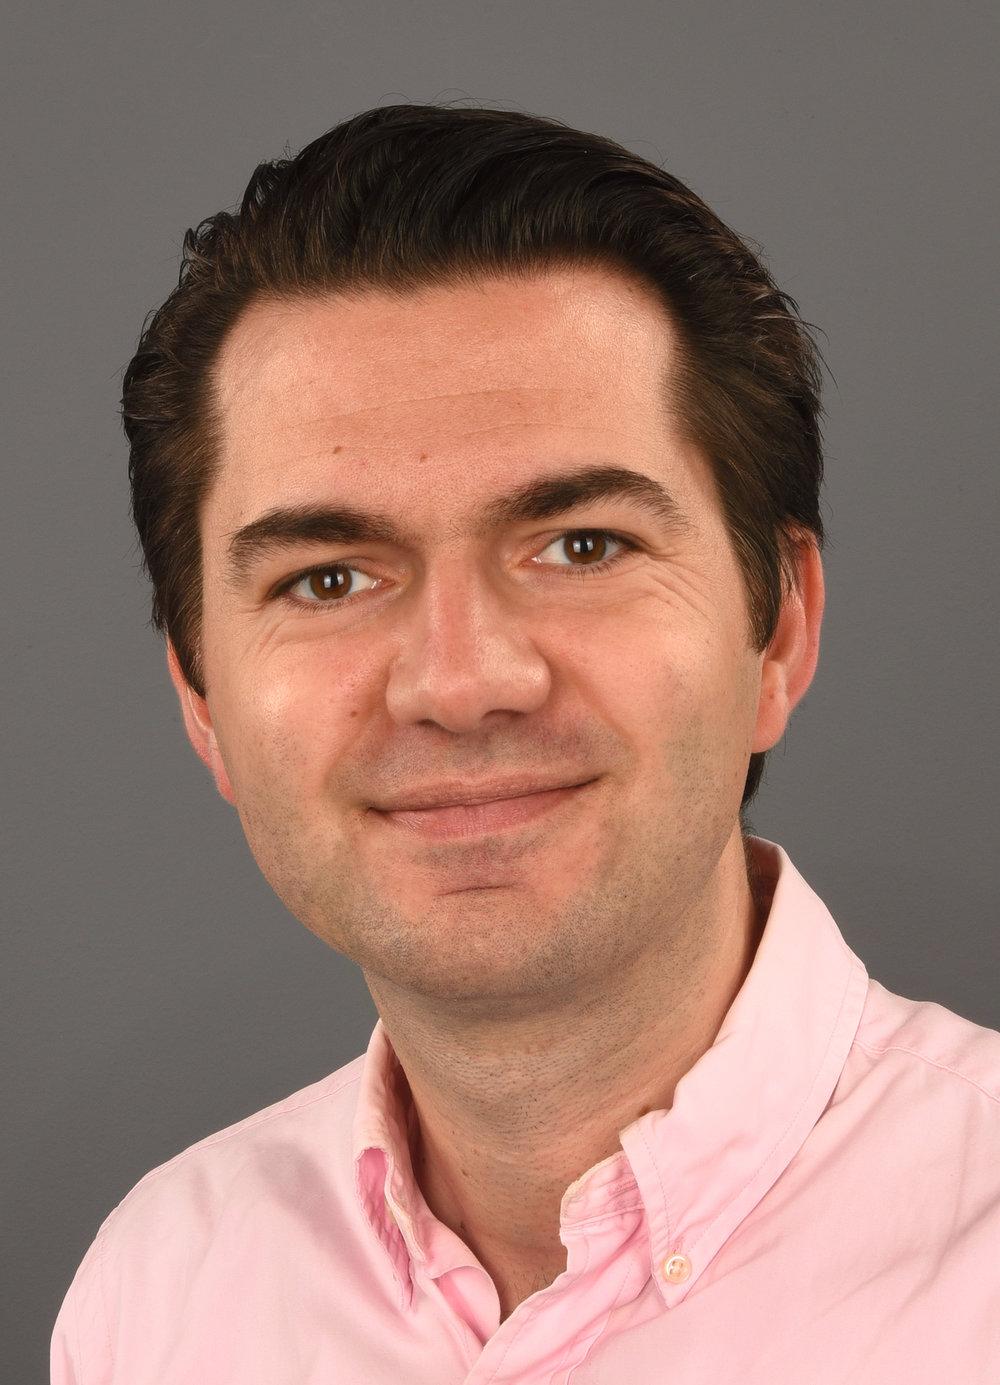 Dr. Tim Boymans